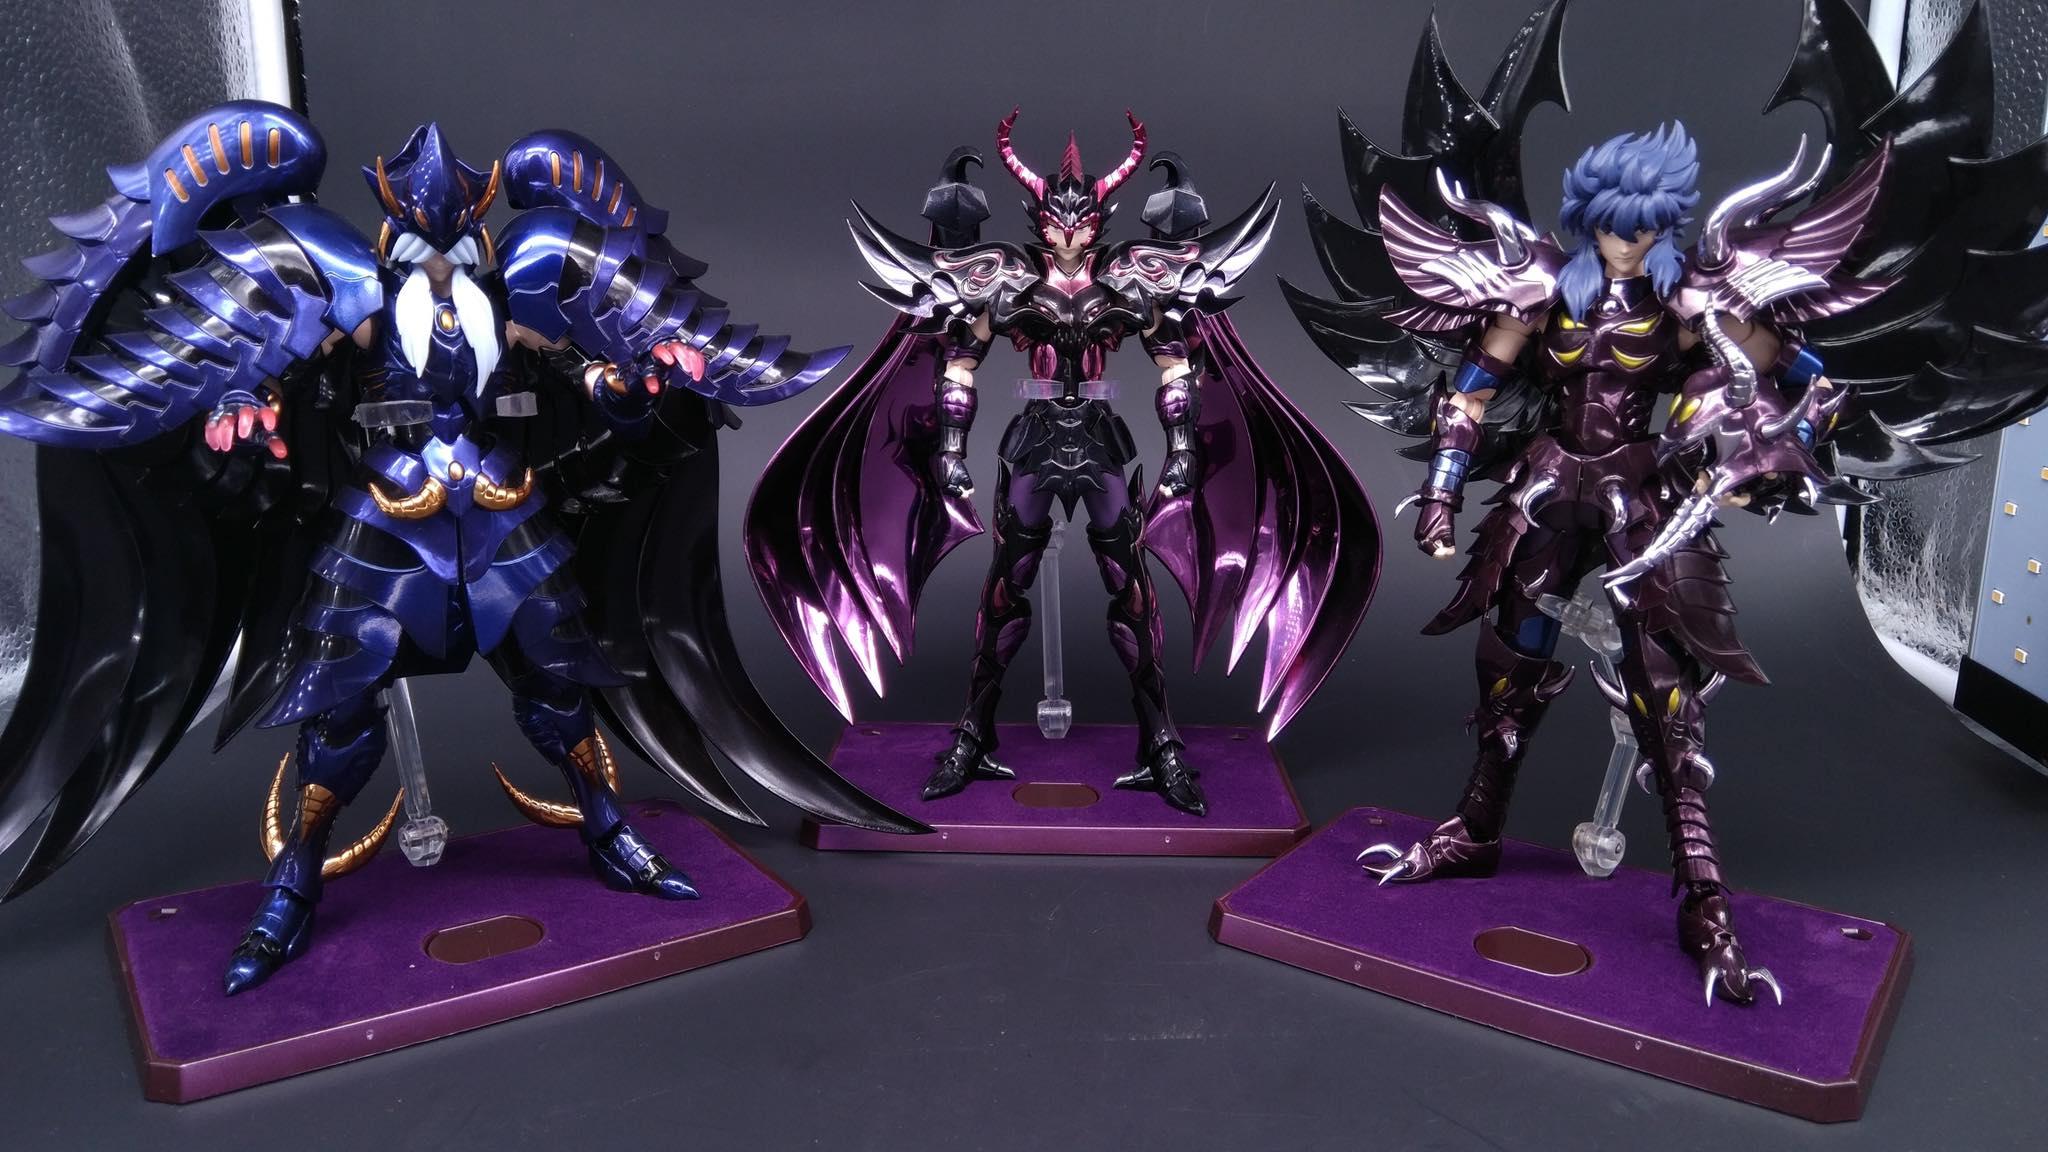 [Comentários] Aiacos de Garuda EX - Página 2 F41f6kfW_o